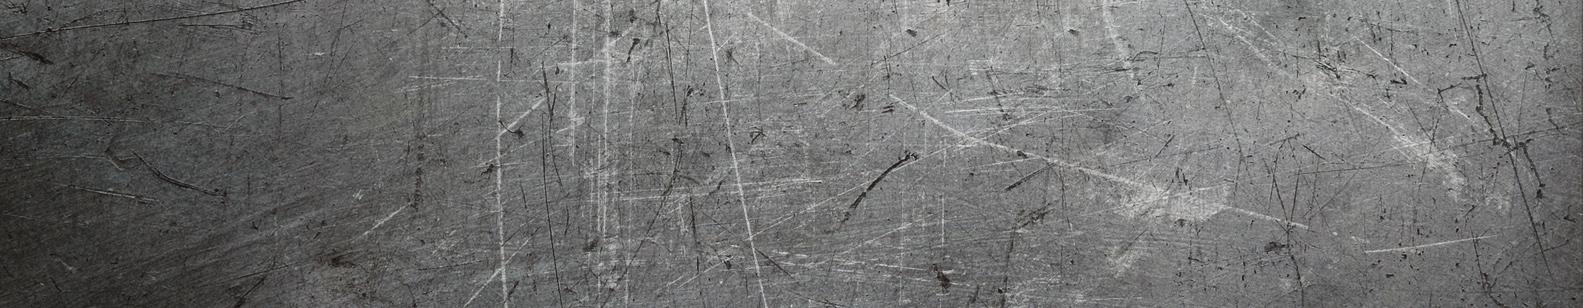 Metalo gręžimo ir frezavimo staklės  Pažangios, aukštos kokybės gręžimo ir frezavimo staklės